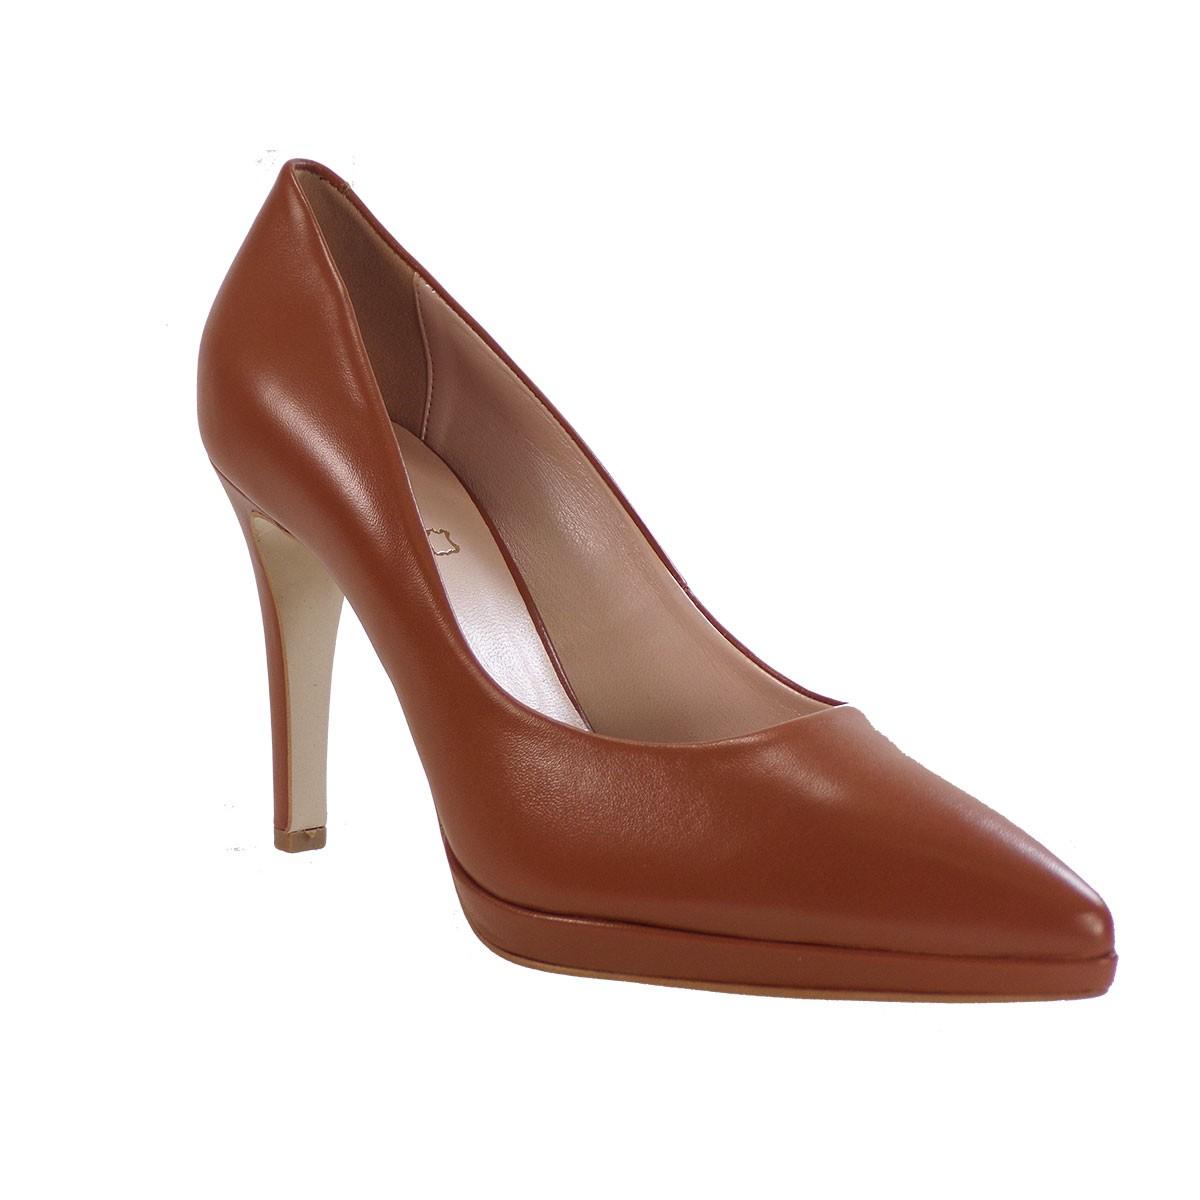 Fardoulis Shoes Γυναικεία Παπούτσια Γόβες 2501 Ταμπά Δέρμα